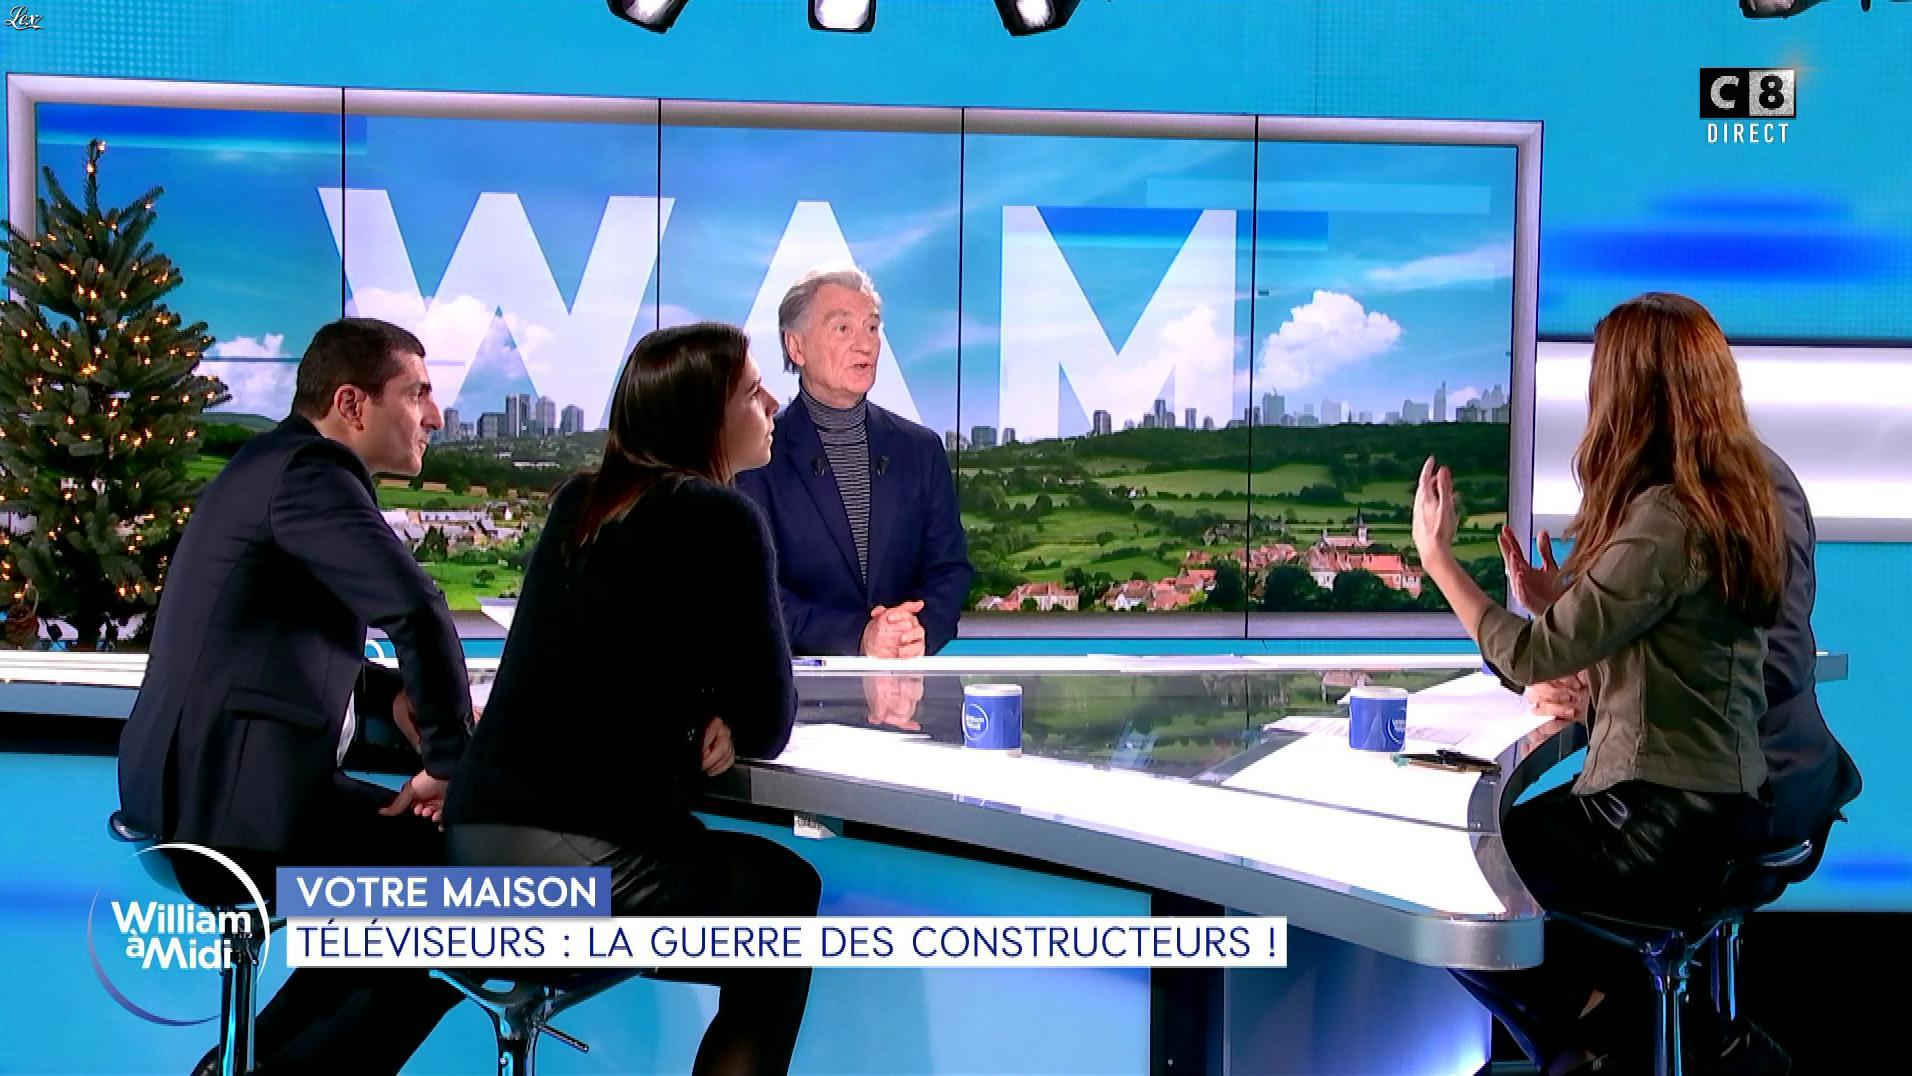 Caroline Munoz et Raphaële Marchal dans William à Midi. Diffusé à la télévision le 19/12/19.